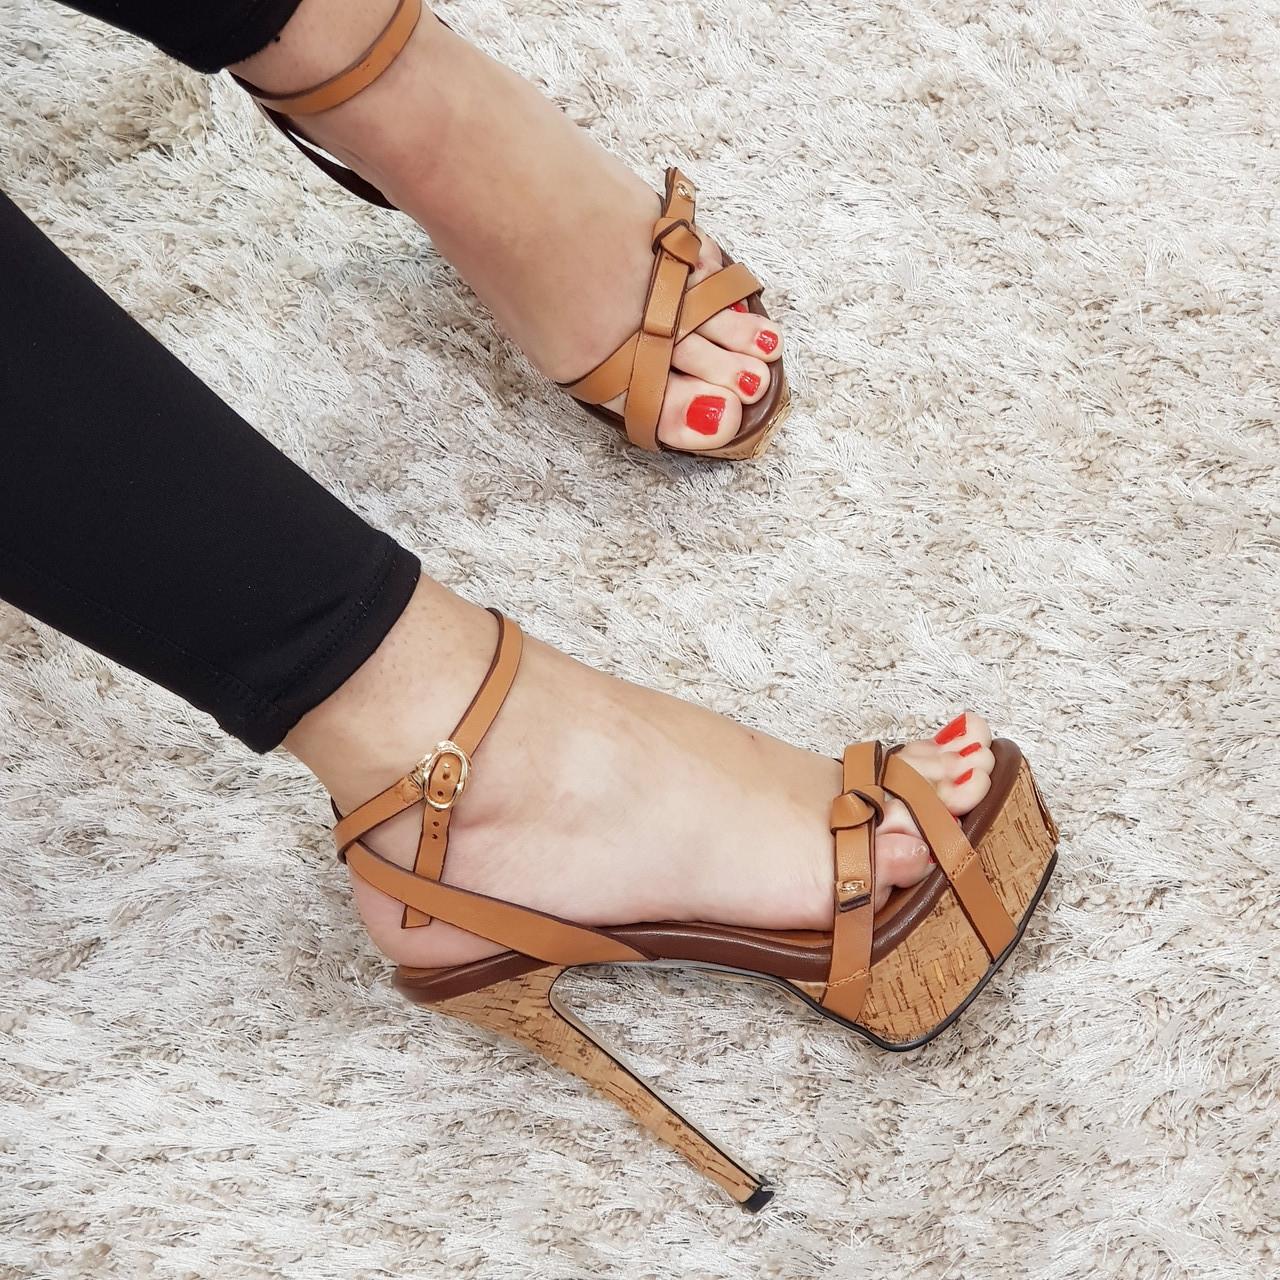 Босоножки женские искусственная кожа на высоком каблуке шпилька коричневые